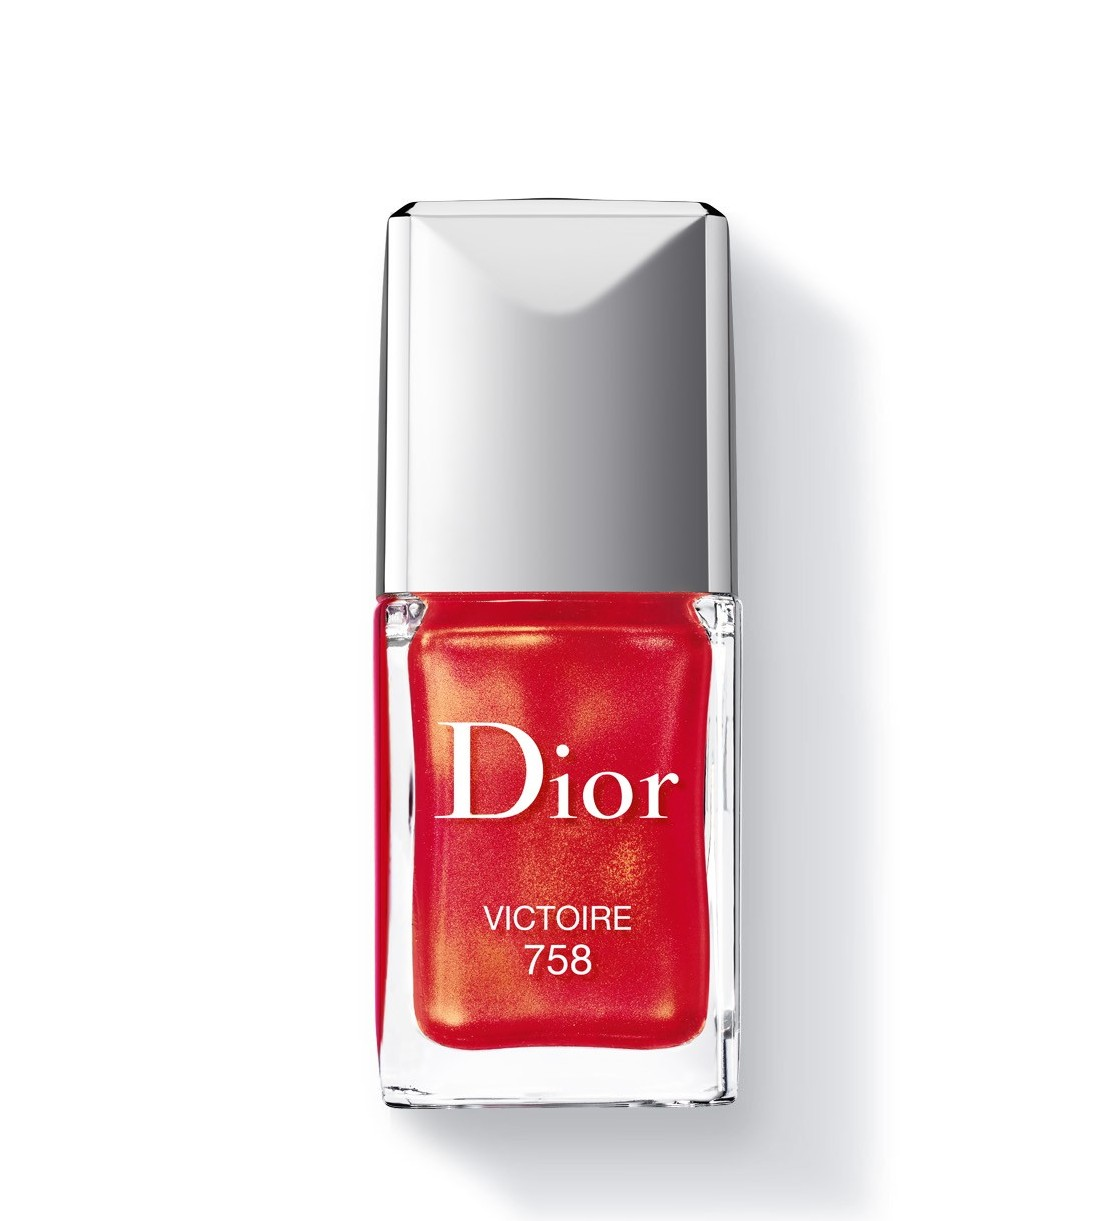 Smalto Dior, tonalità 758 Victoire